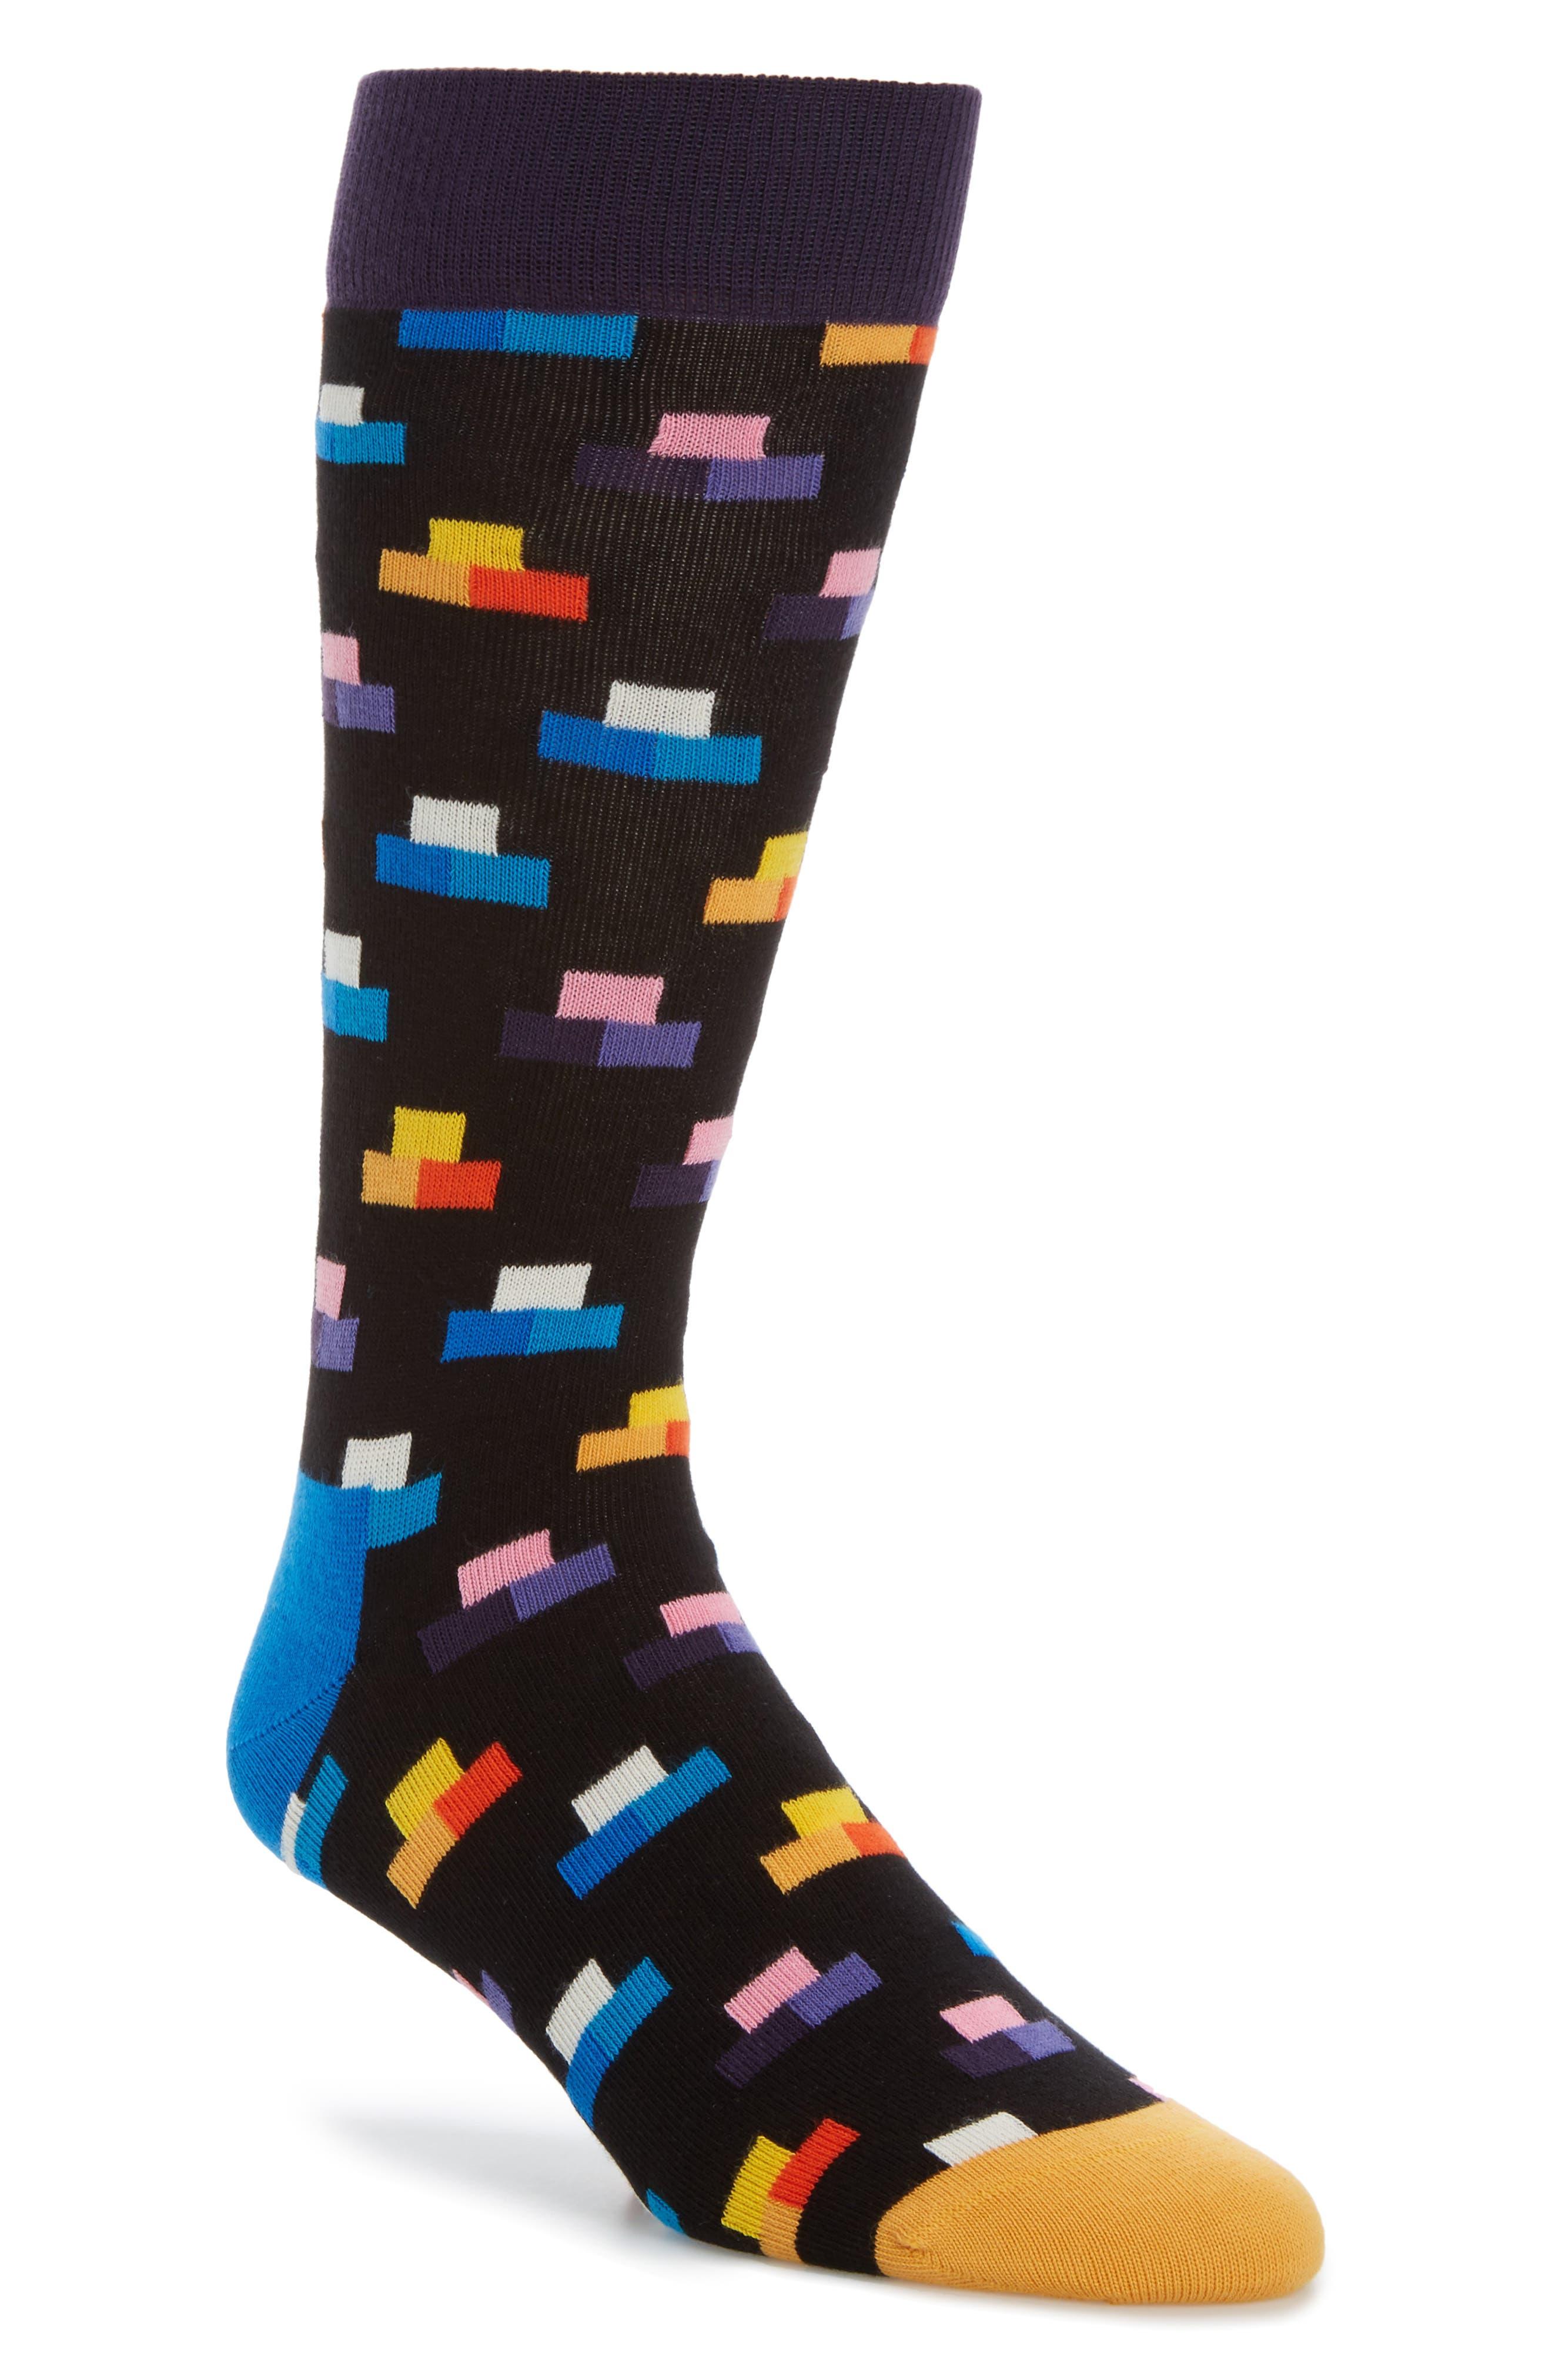 Happy Socks Digitized Pixel Socks